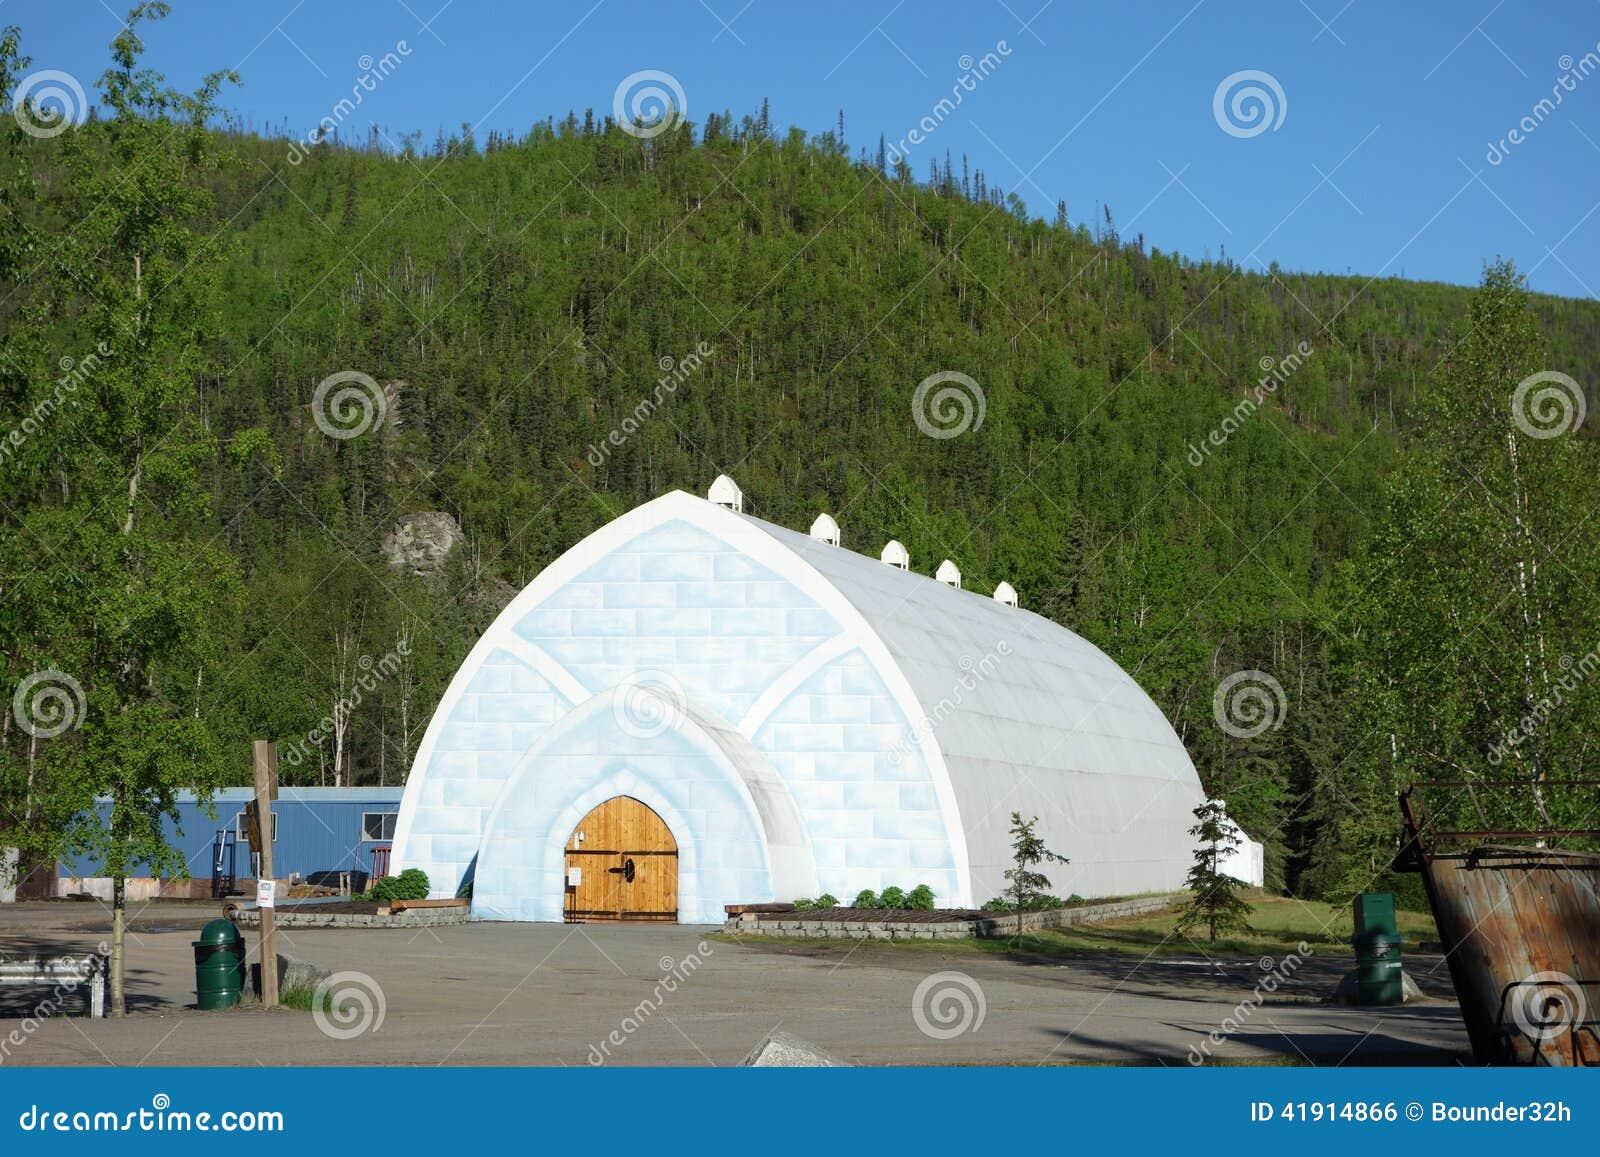 Un museo del hielo en el ártico